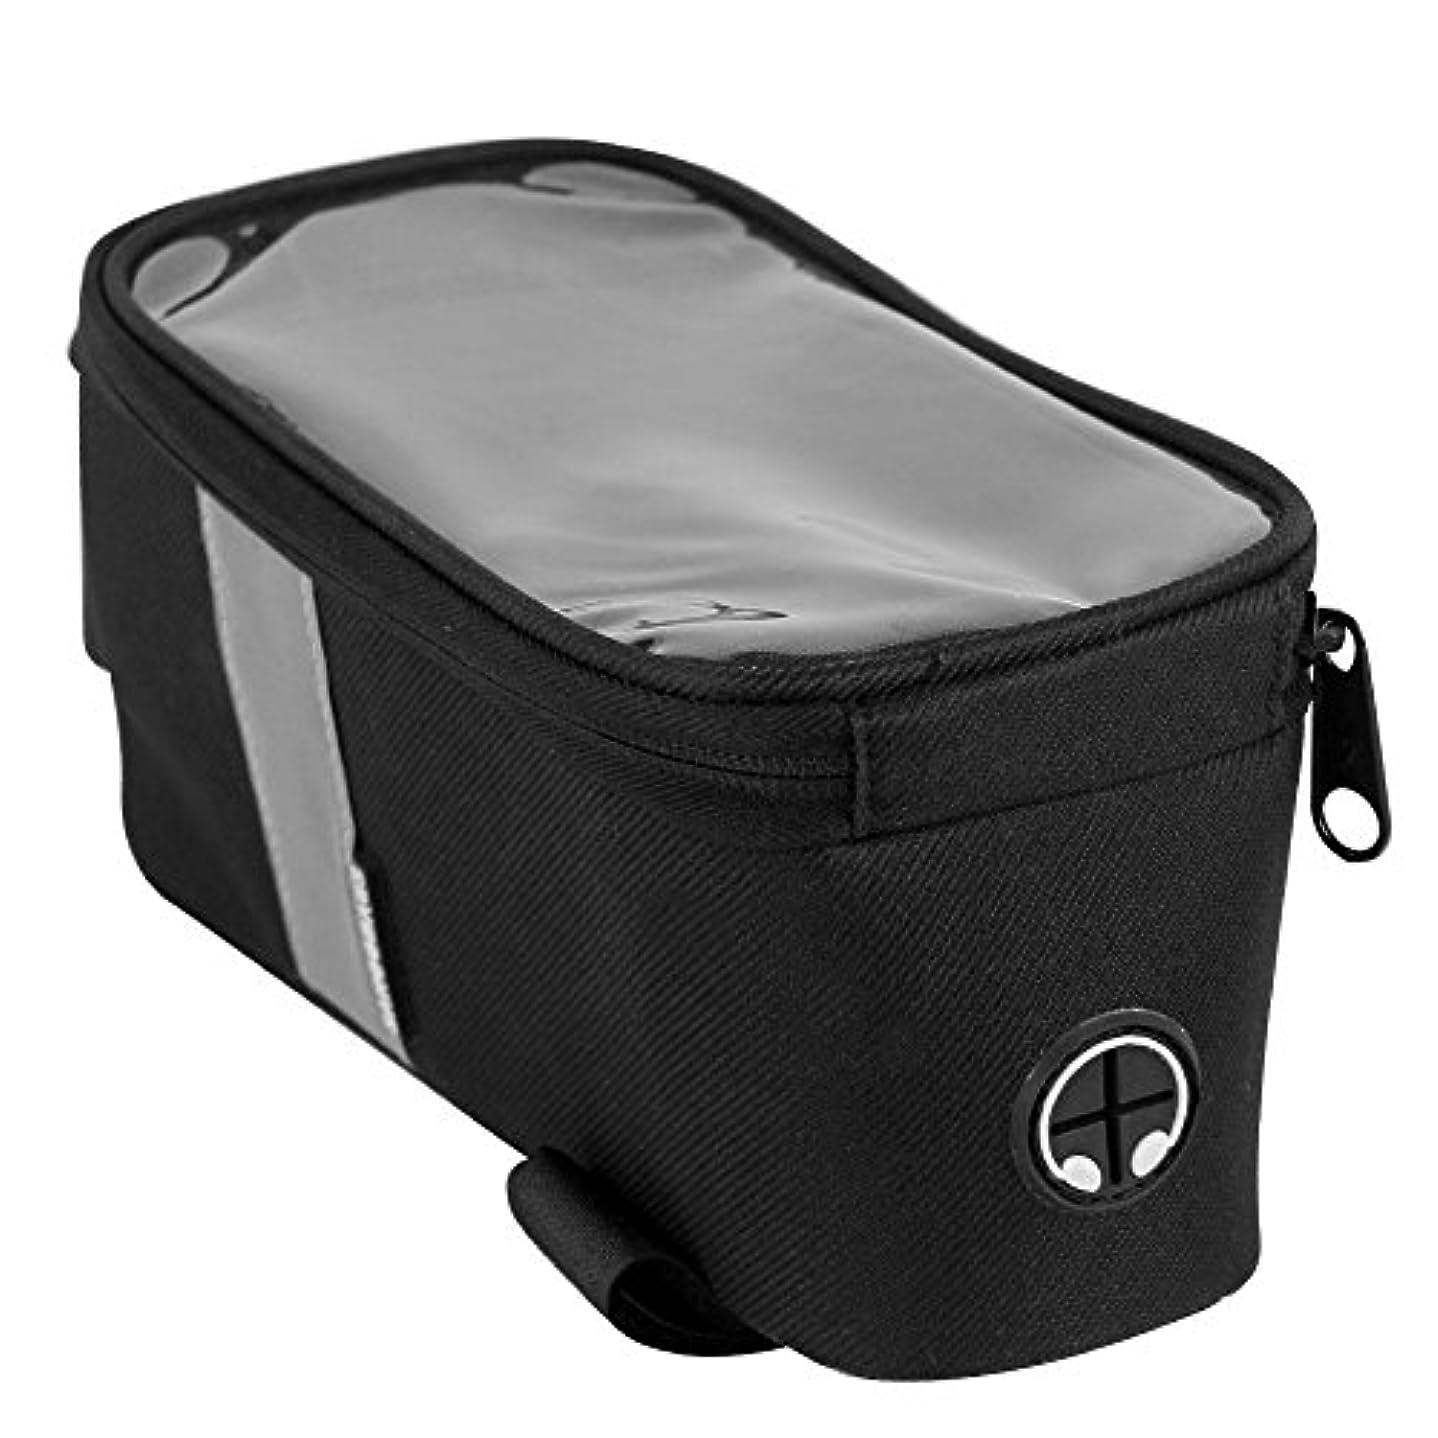 乗り出す隠数学防水バイクバッグタッチスクリーントップチューブサイクリングバッグ不織布EVA